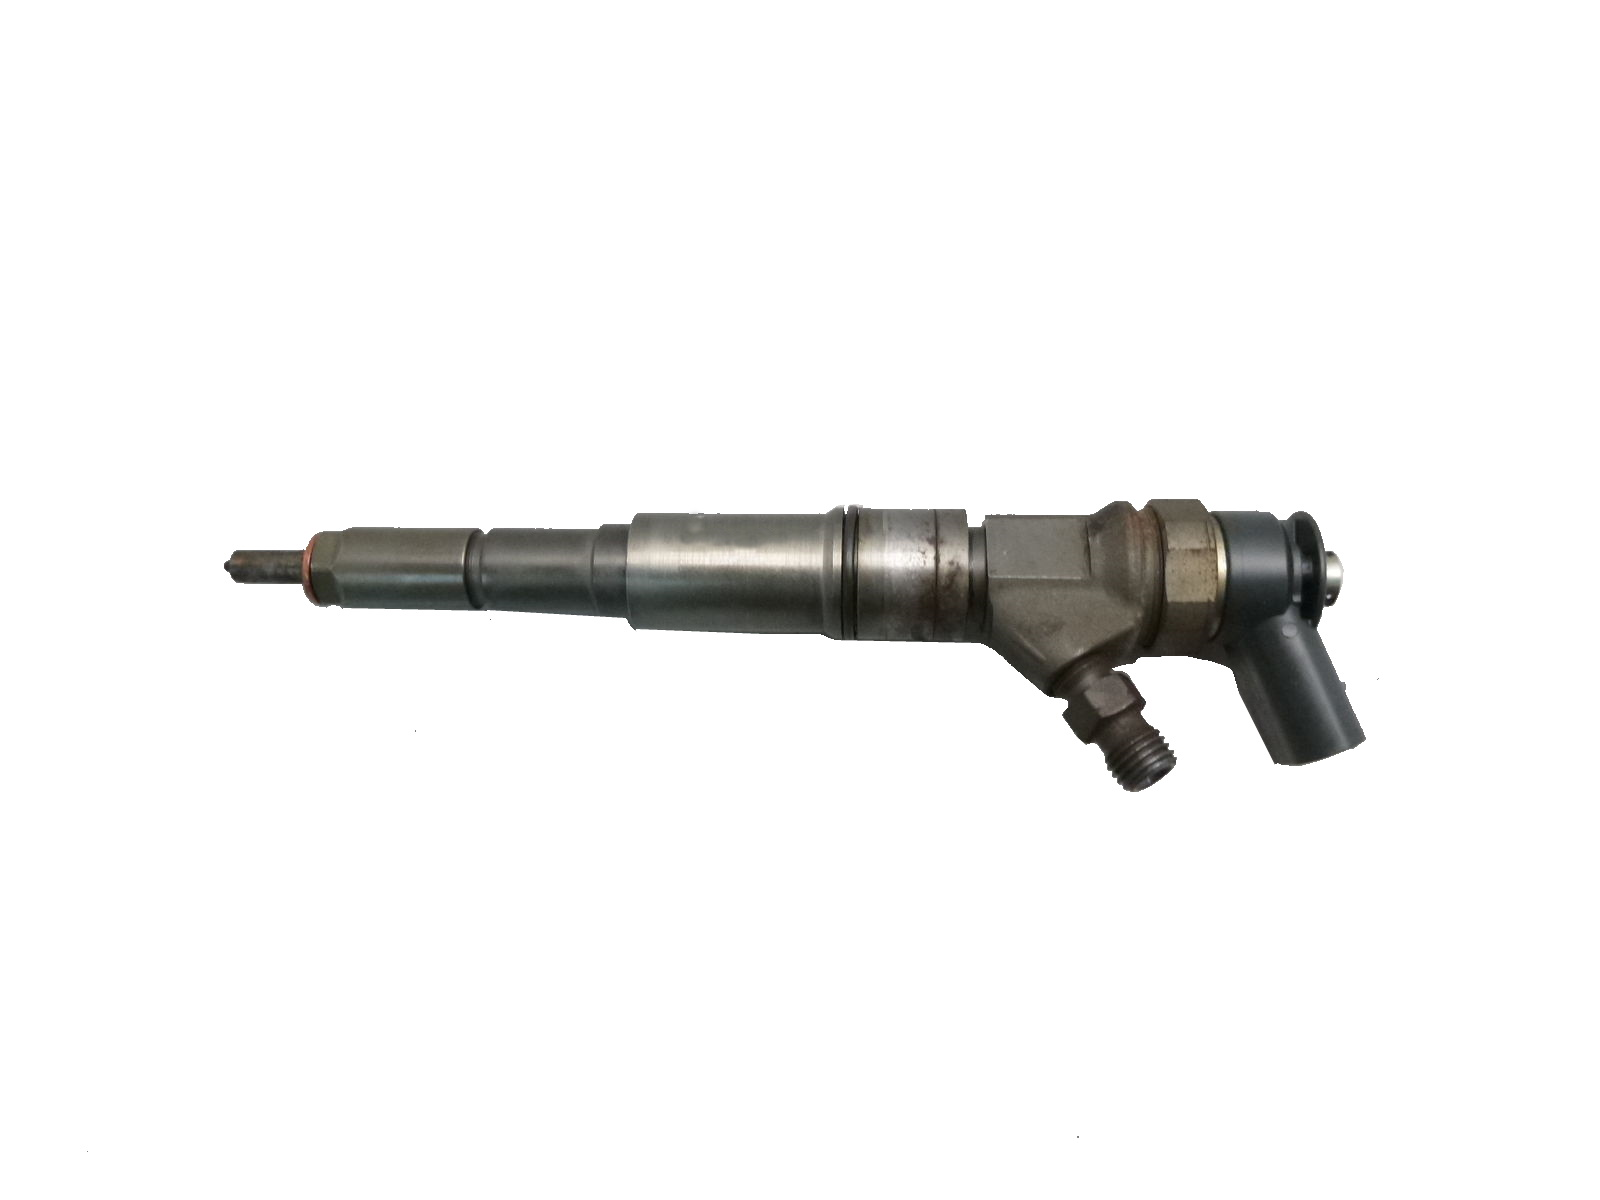 Injektor Einspritzdüse BMW 2,0 3,0 d Diesel 0445110216 7790093 7793836 7794334